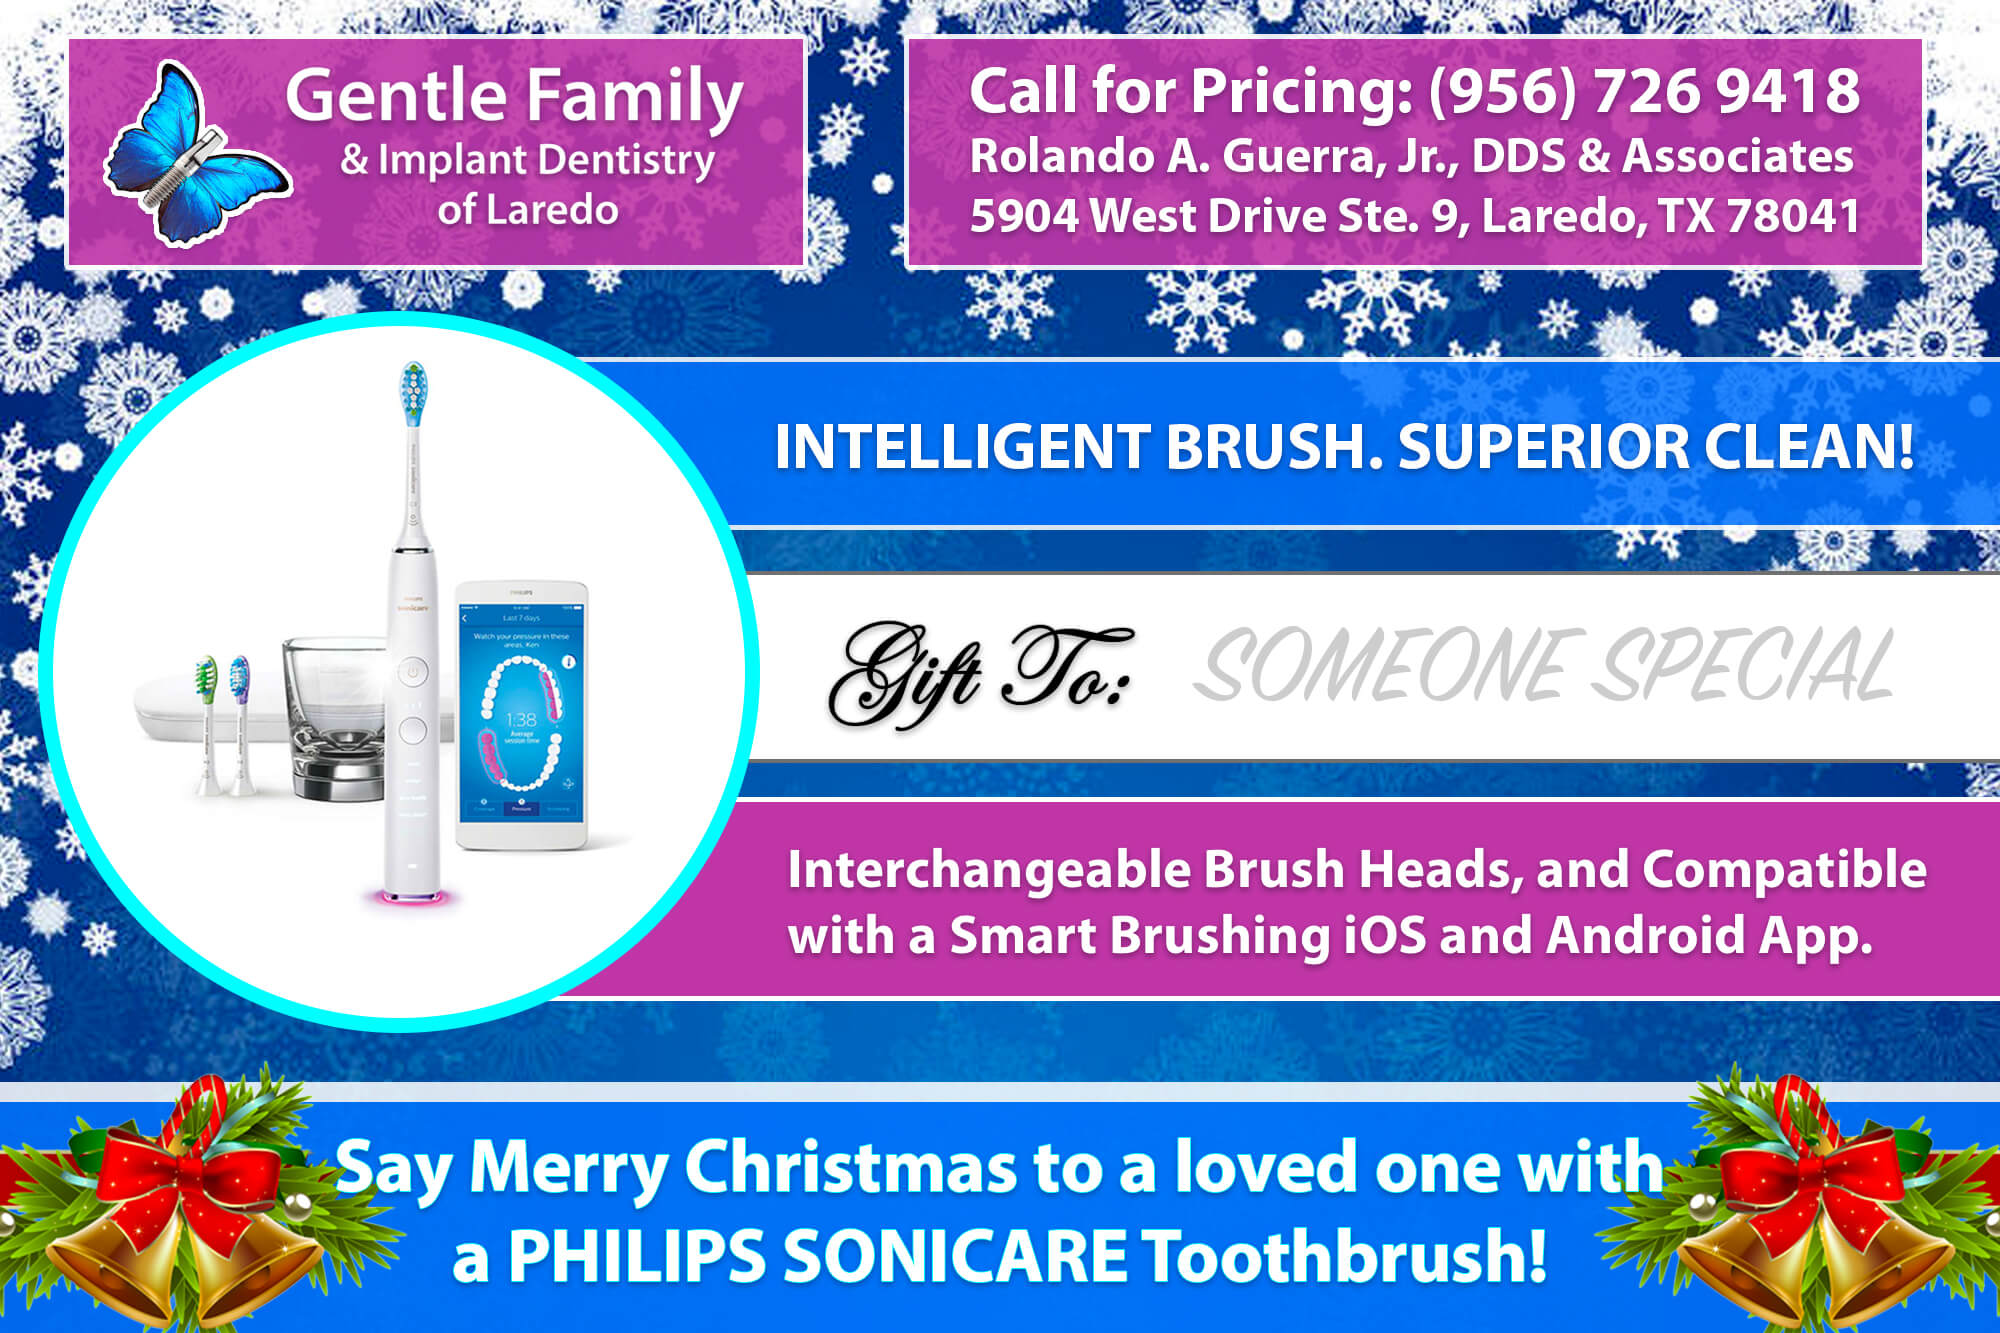 ToothbrushPromoV2_ss.jpg